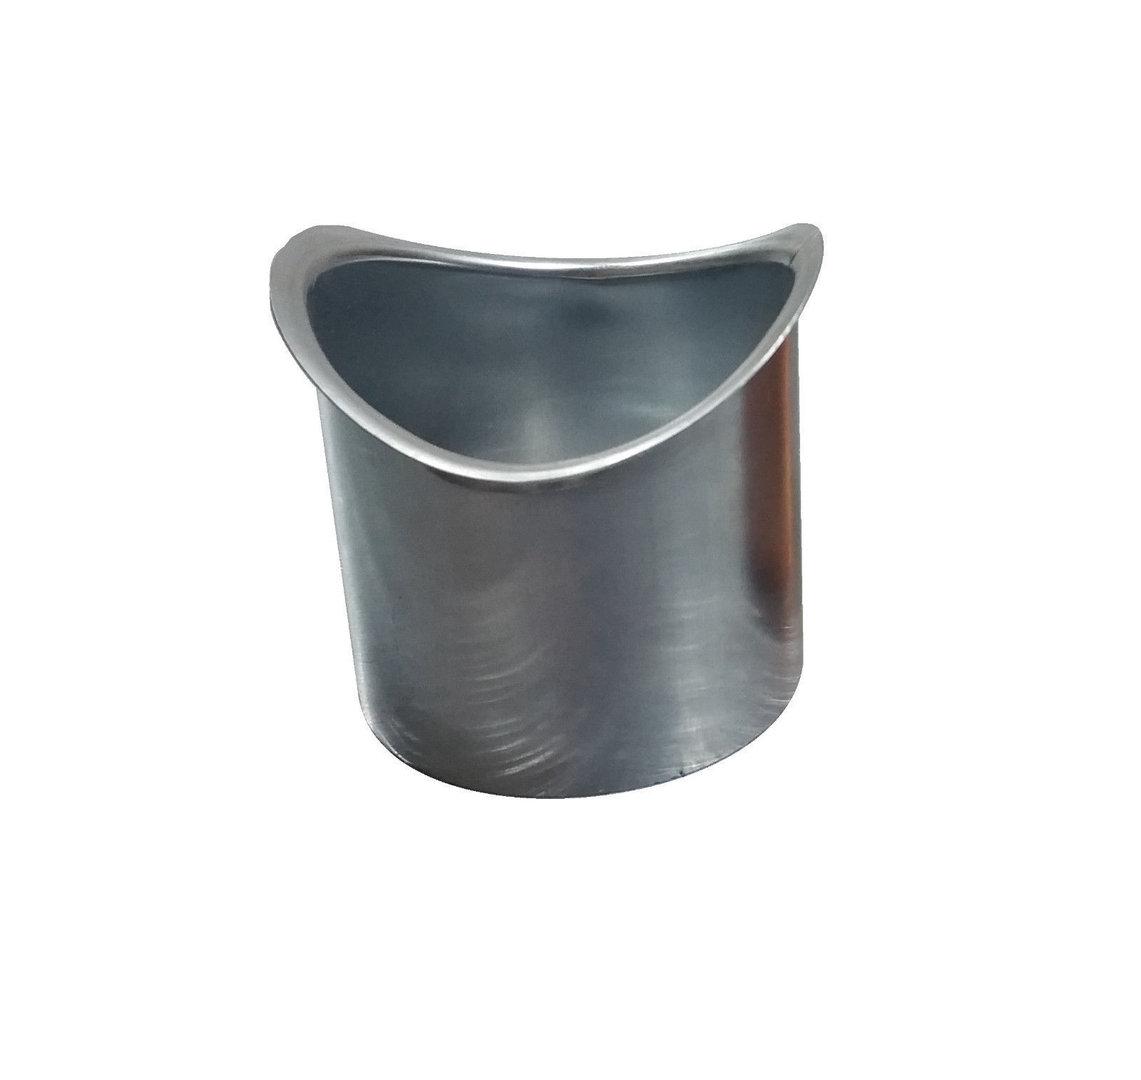 Lötstutzen Für Halbrunde Dachrinnen Metall In Form